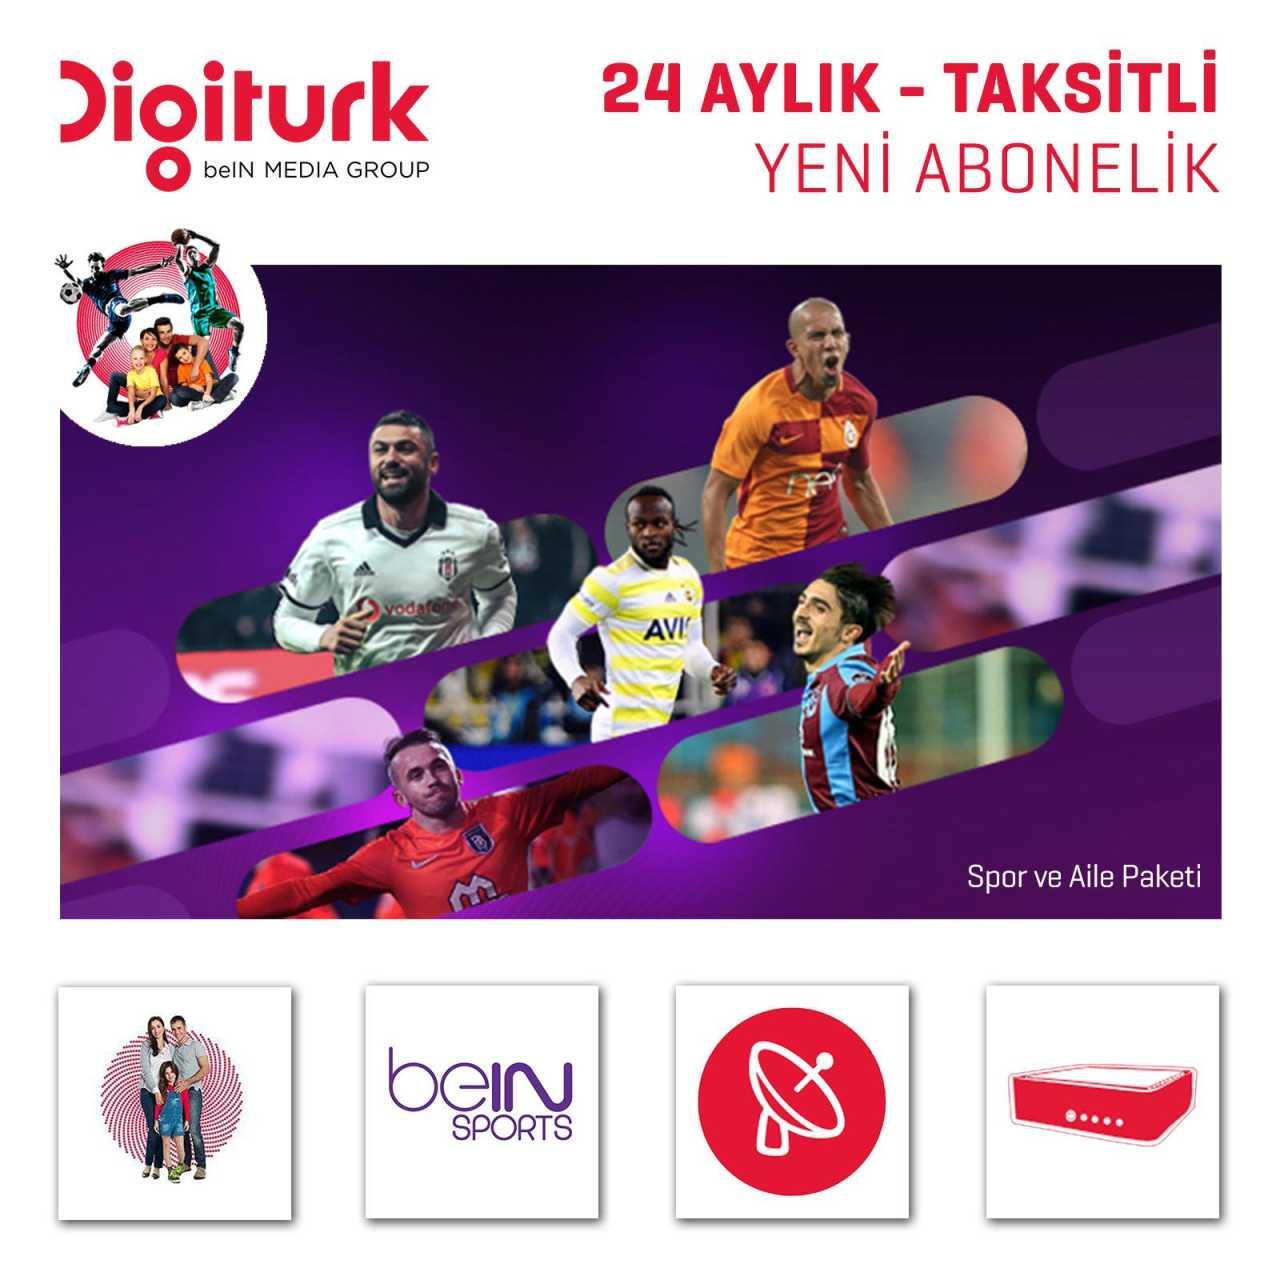 Digitürk Digitürk SAT HD beIN Sports & Familienpaket - Monatlich 16,90? - 24 Monate Abo ABODIG032